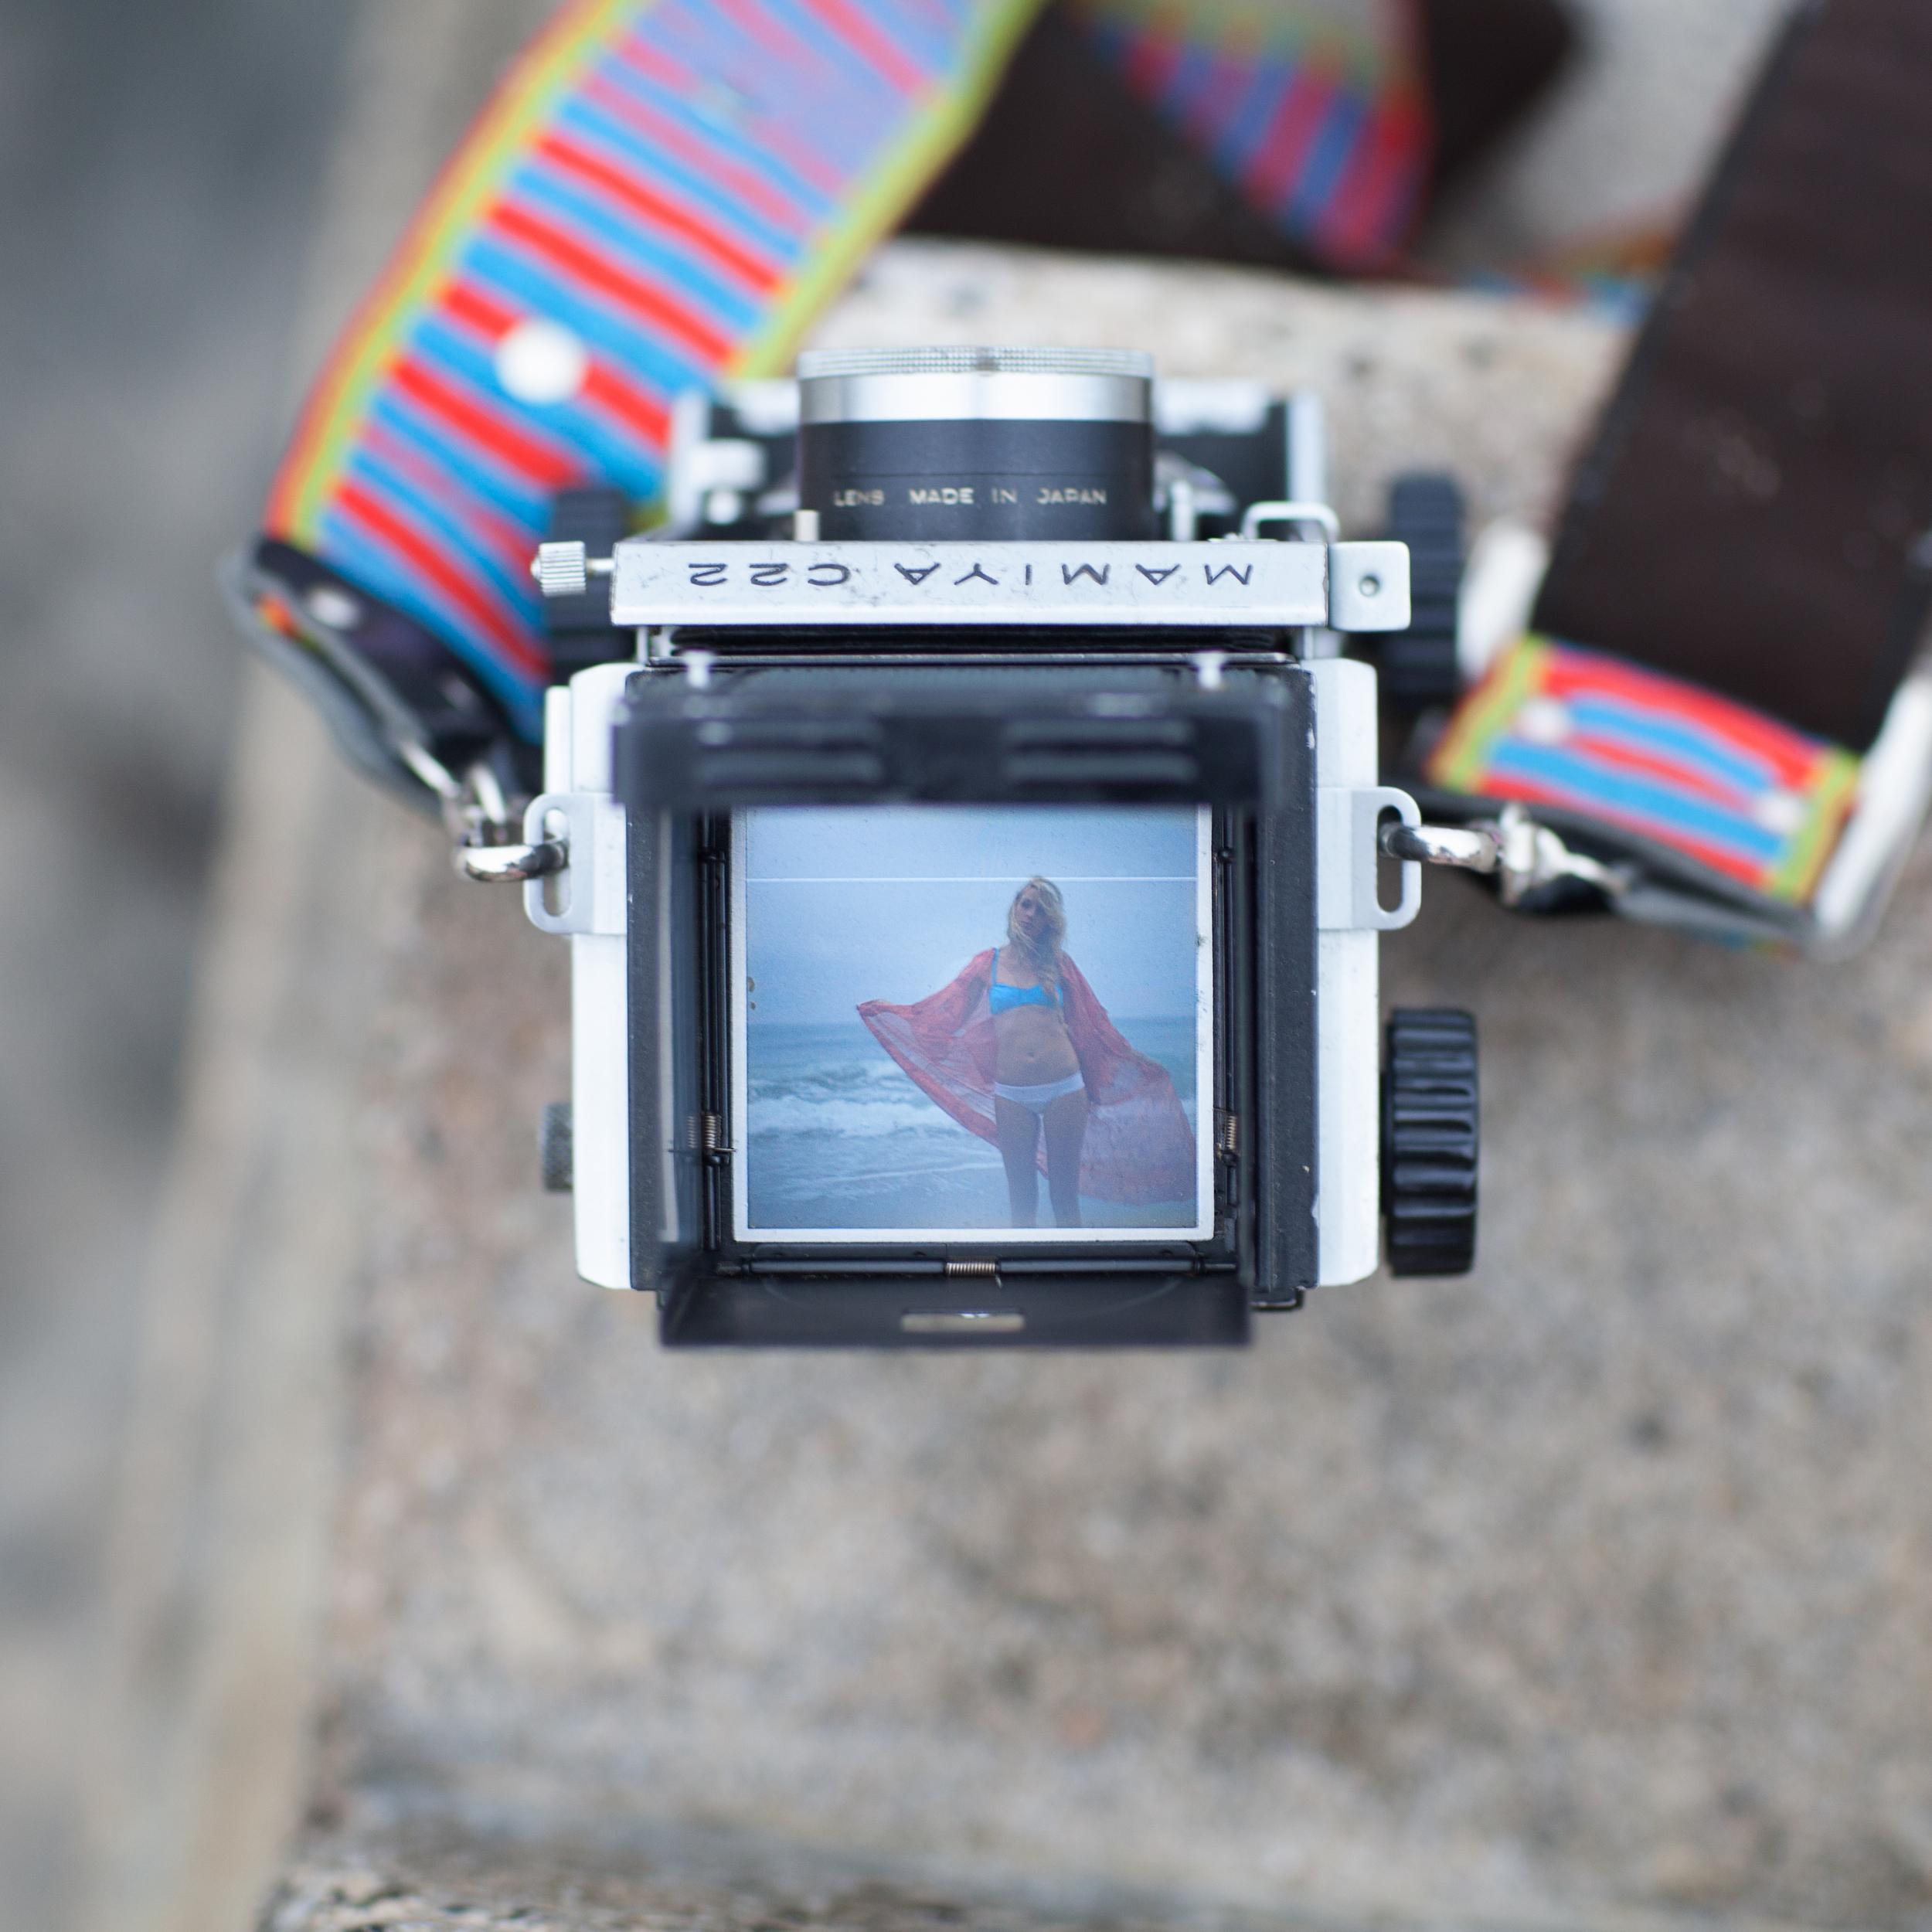 Thinktomake-Portrait-Emmac22-Film-Photography.jpg